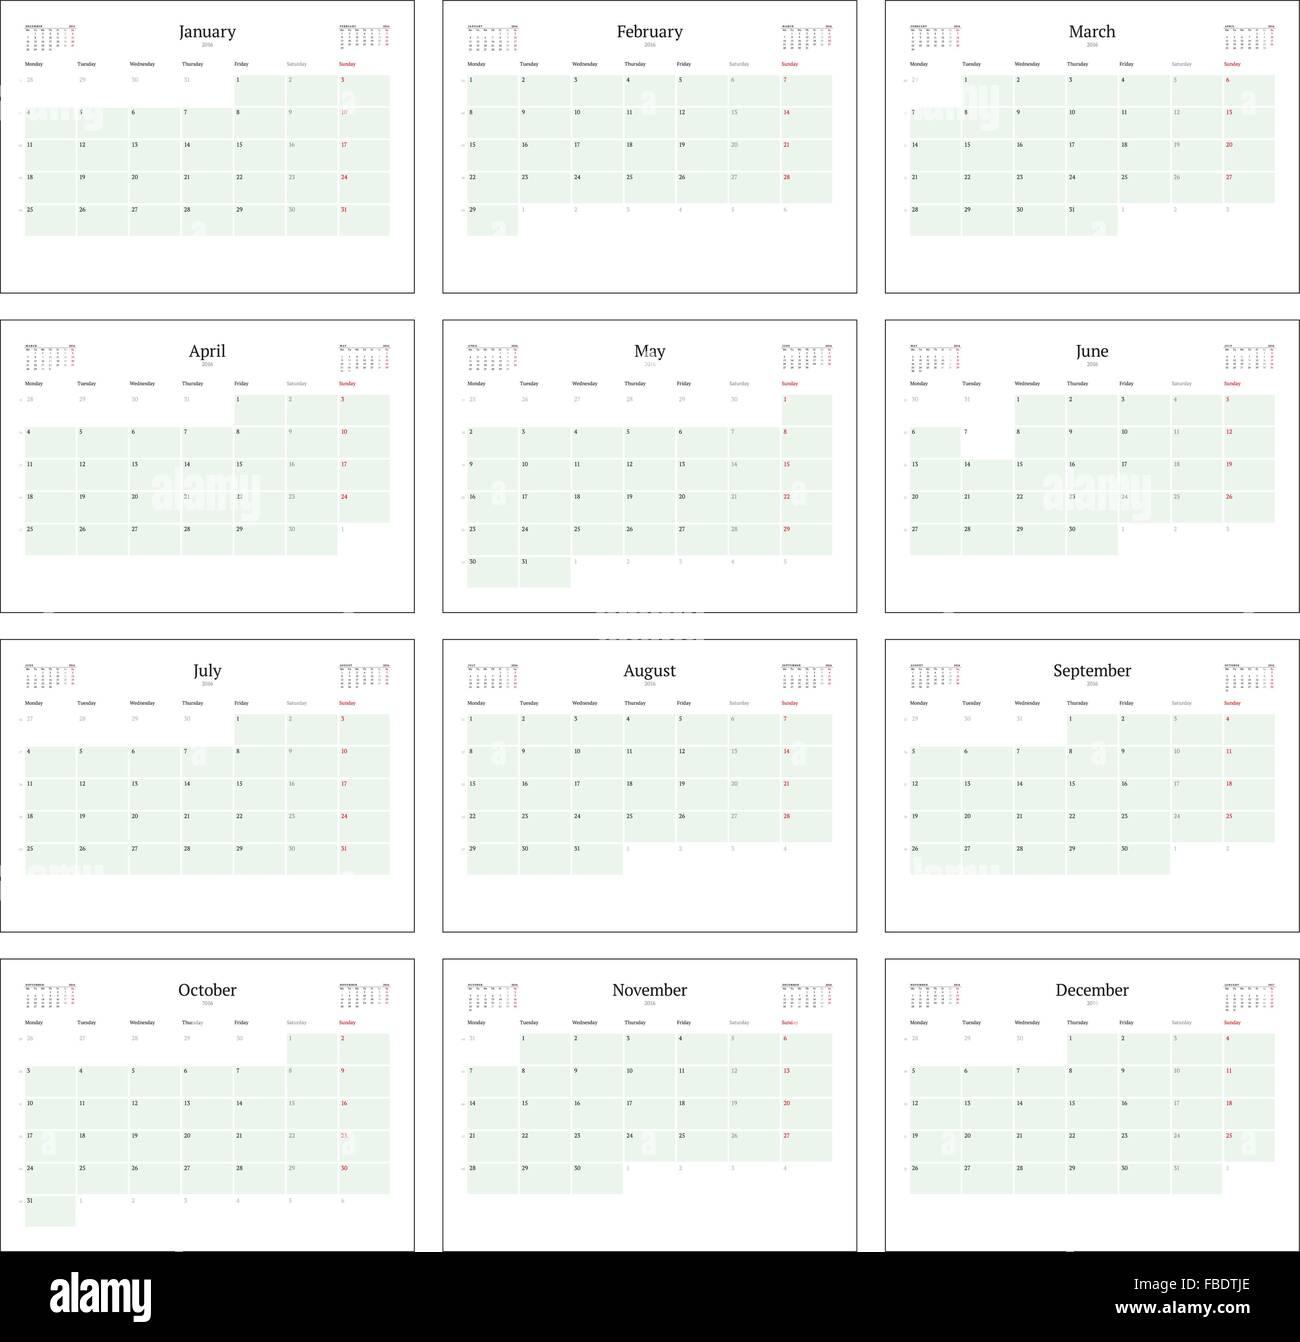 Moderno Plantilla De Calendario Mensual 2014 Galería - Ejemplo De ...